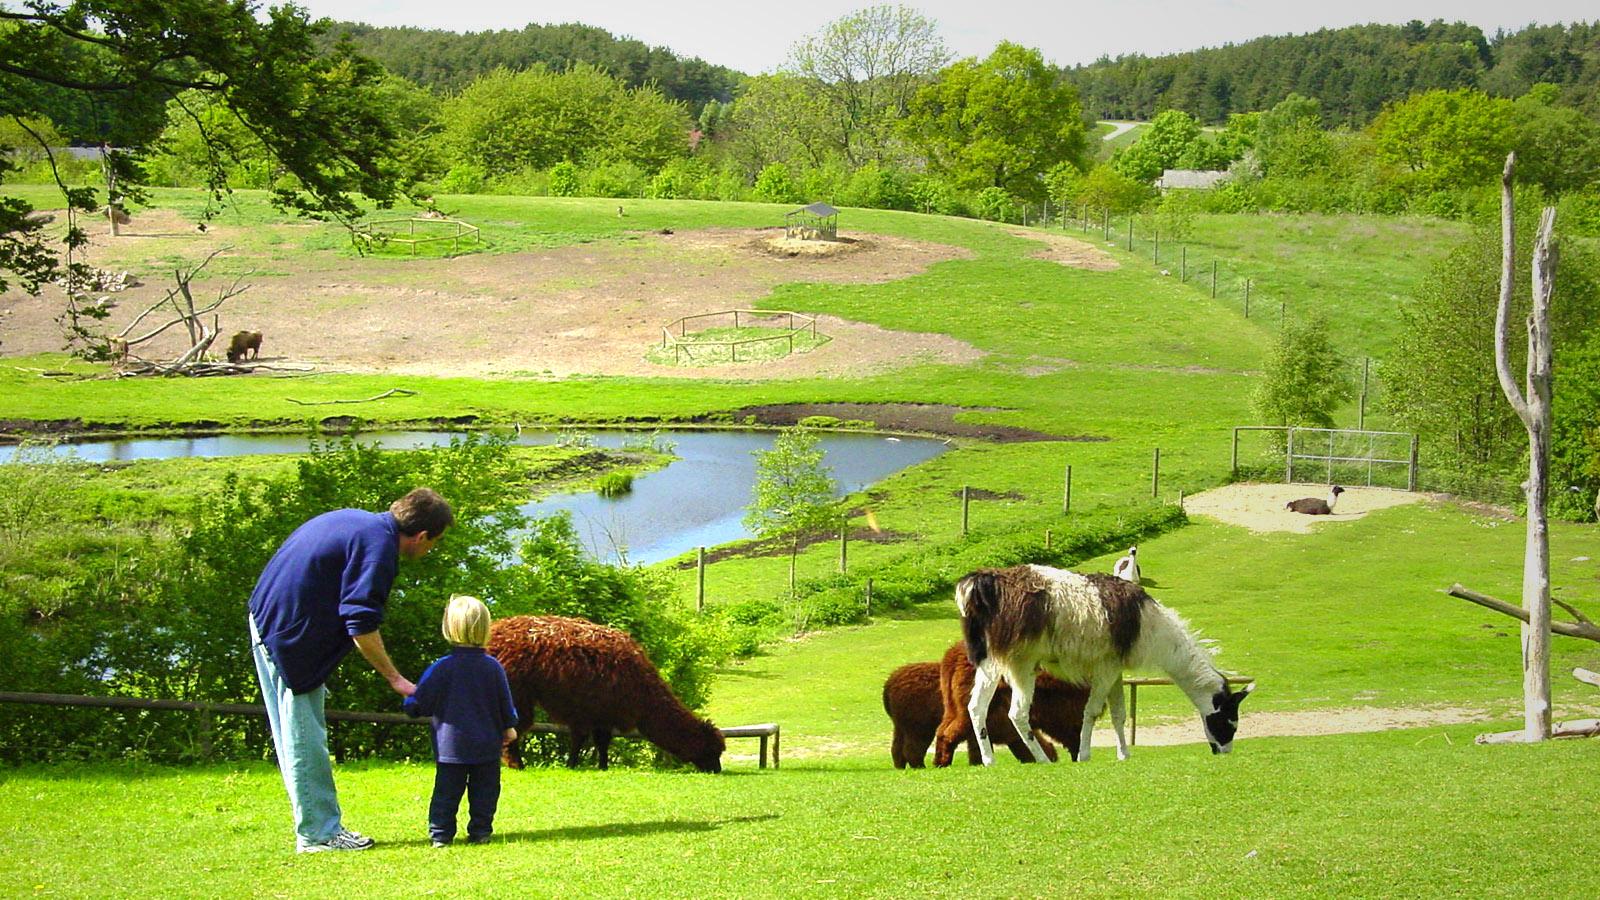 Südamerika in Djursland –im Ebeltoft-Zoo mit Lamas und Alapaka-Schafen. Foto: Hilke Maunder